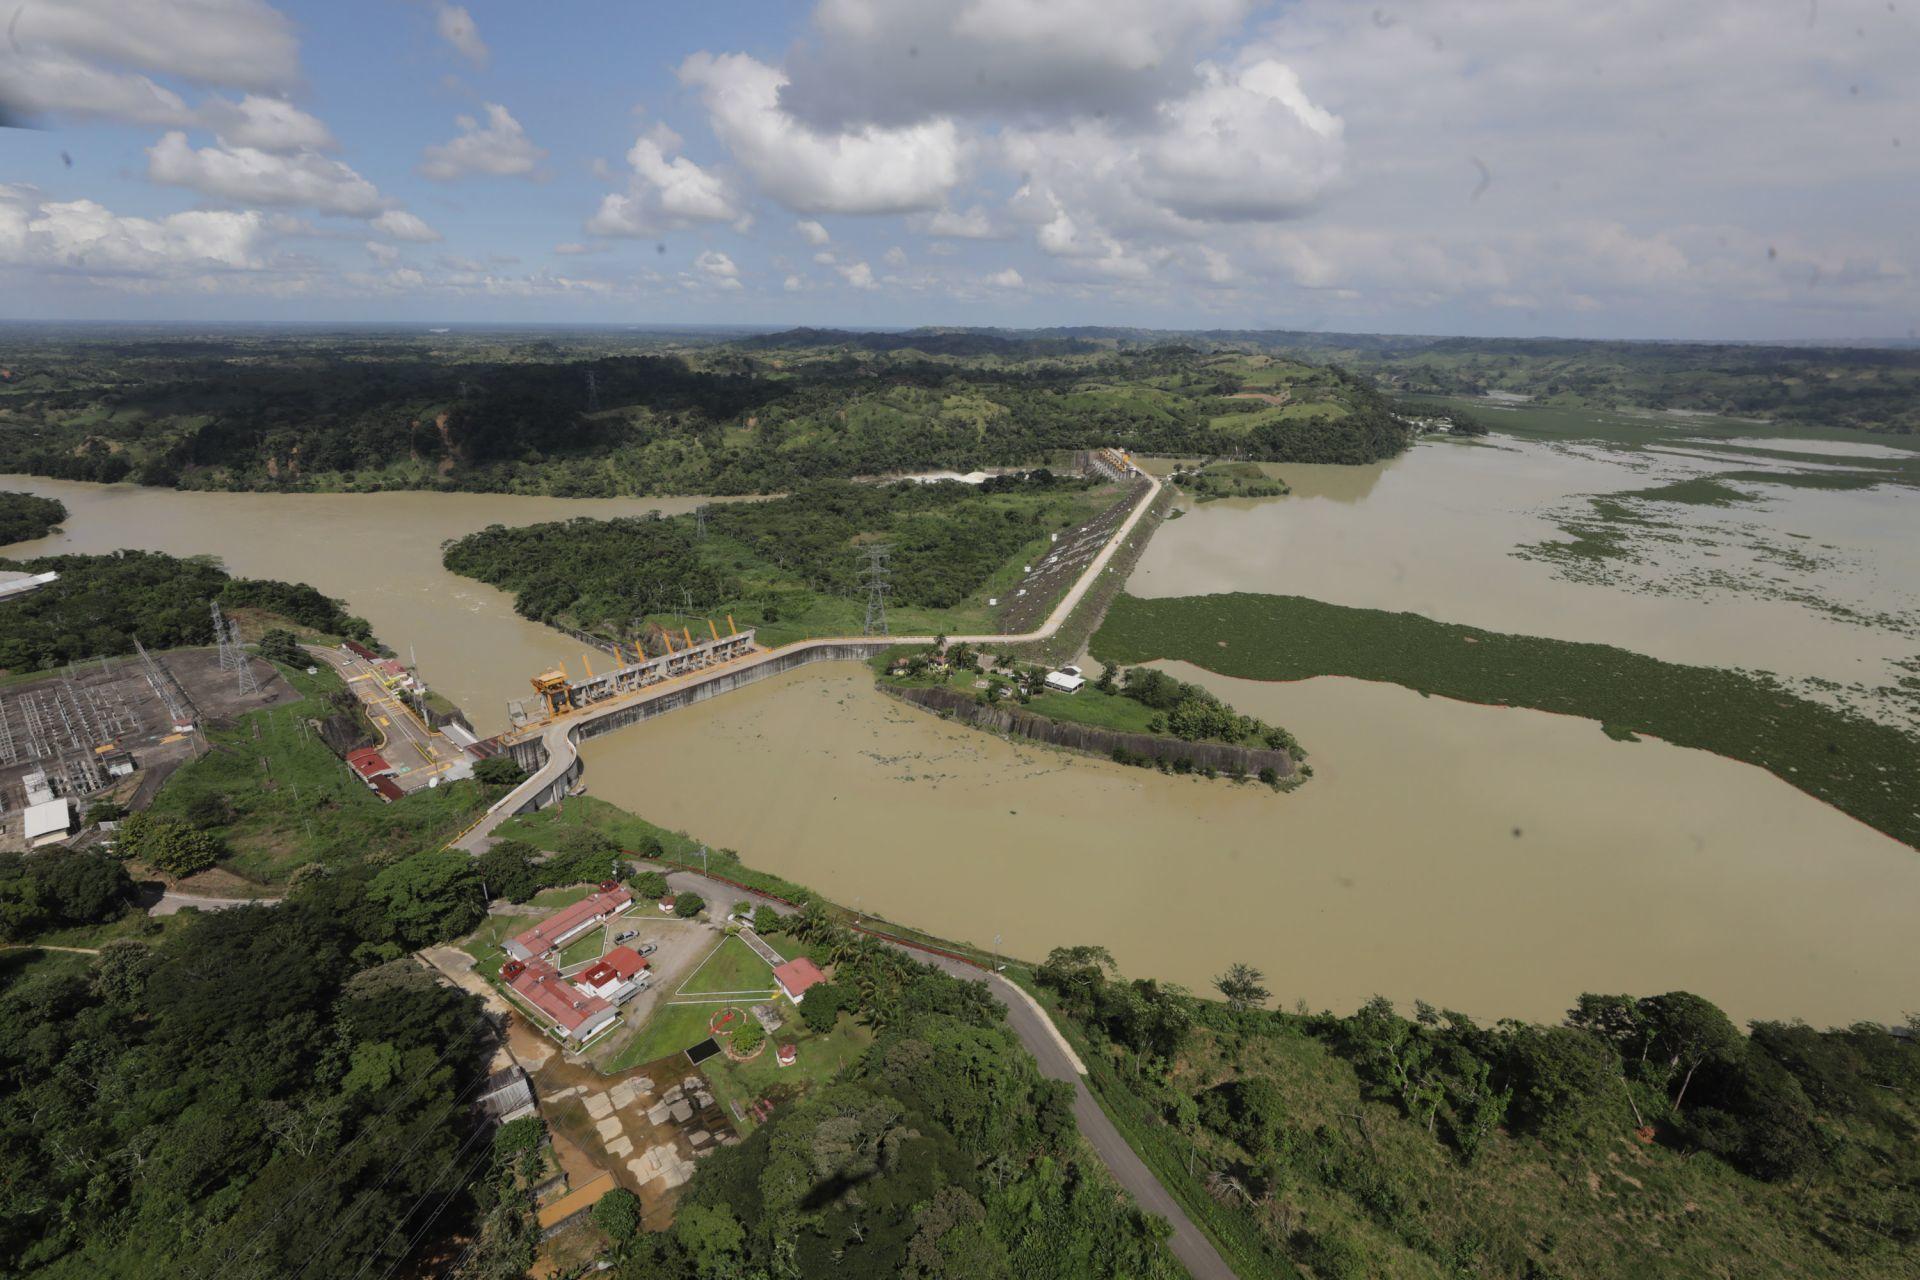 Ostuacán, Chiapas, 8 de noviembre de 2020. Imágenes del desfogue de la Presa Ángel Albino Corzo